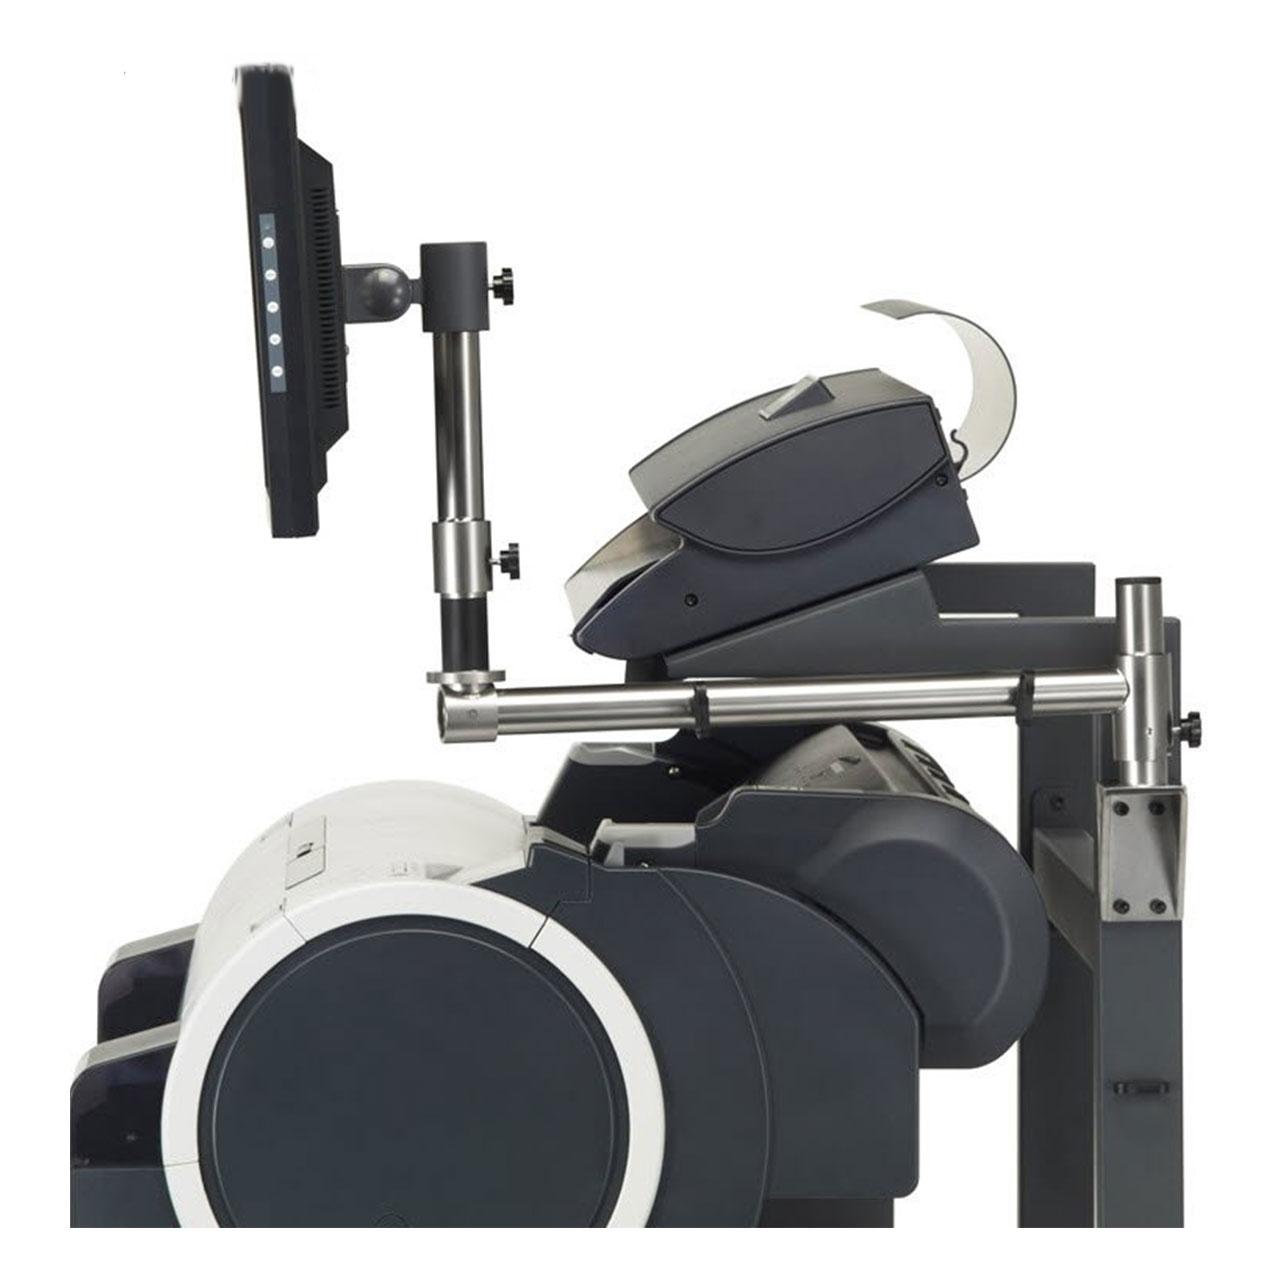 اسکنر طولی کانن مدل imagePROGRAF iPF MFP M40